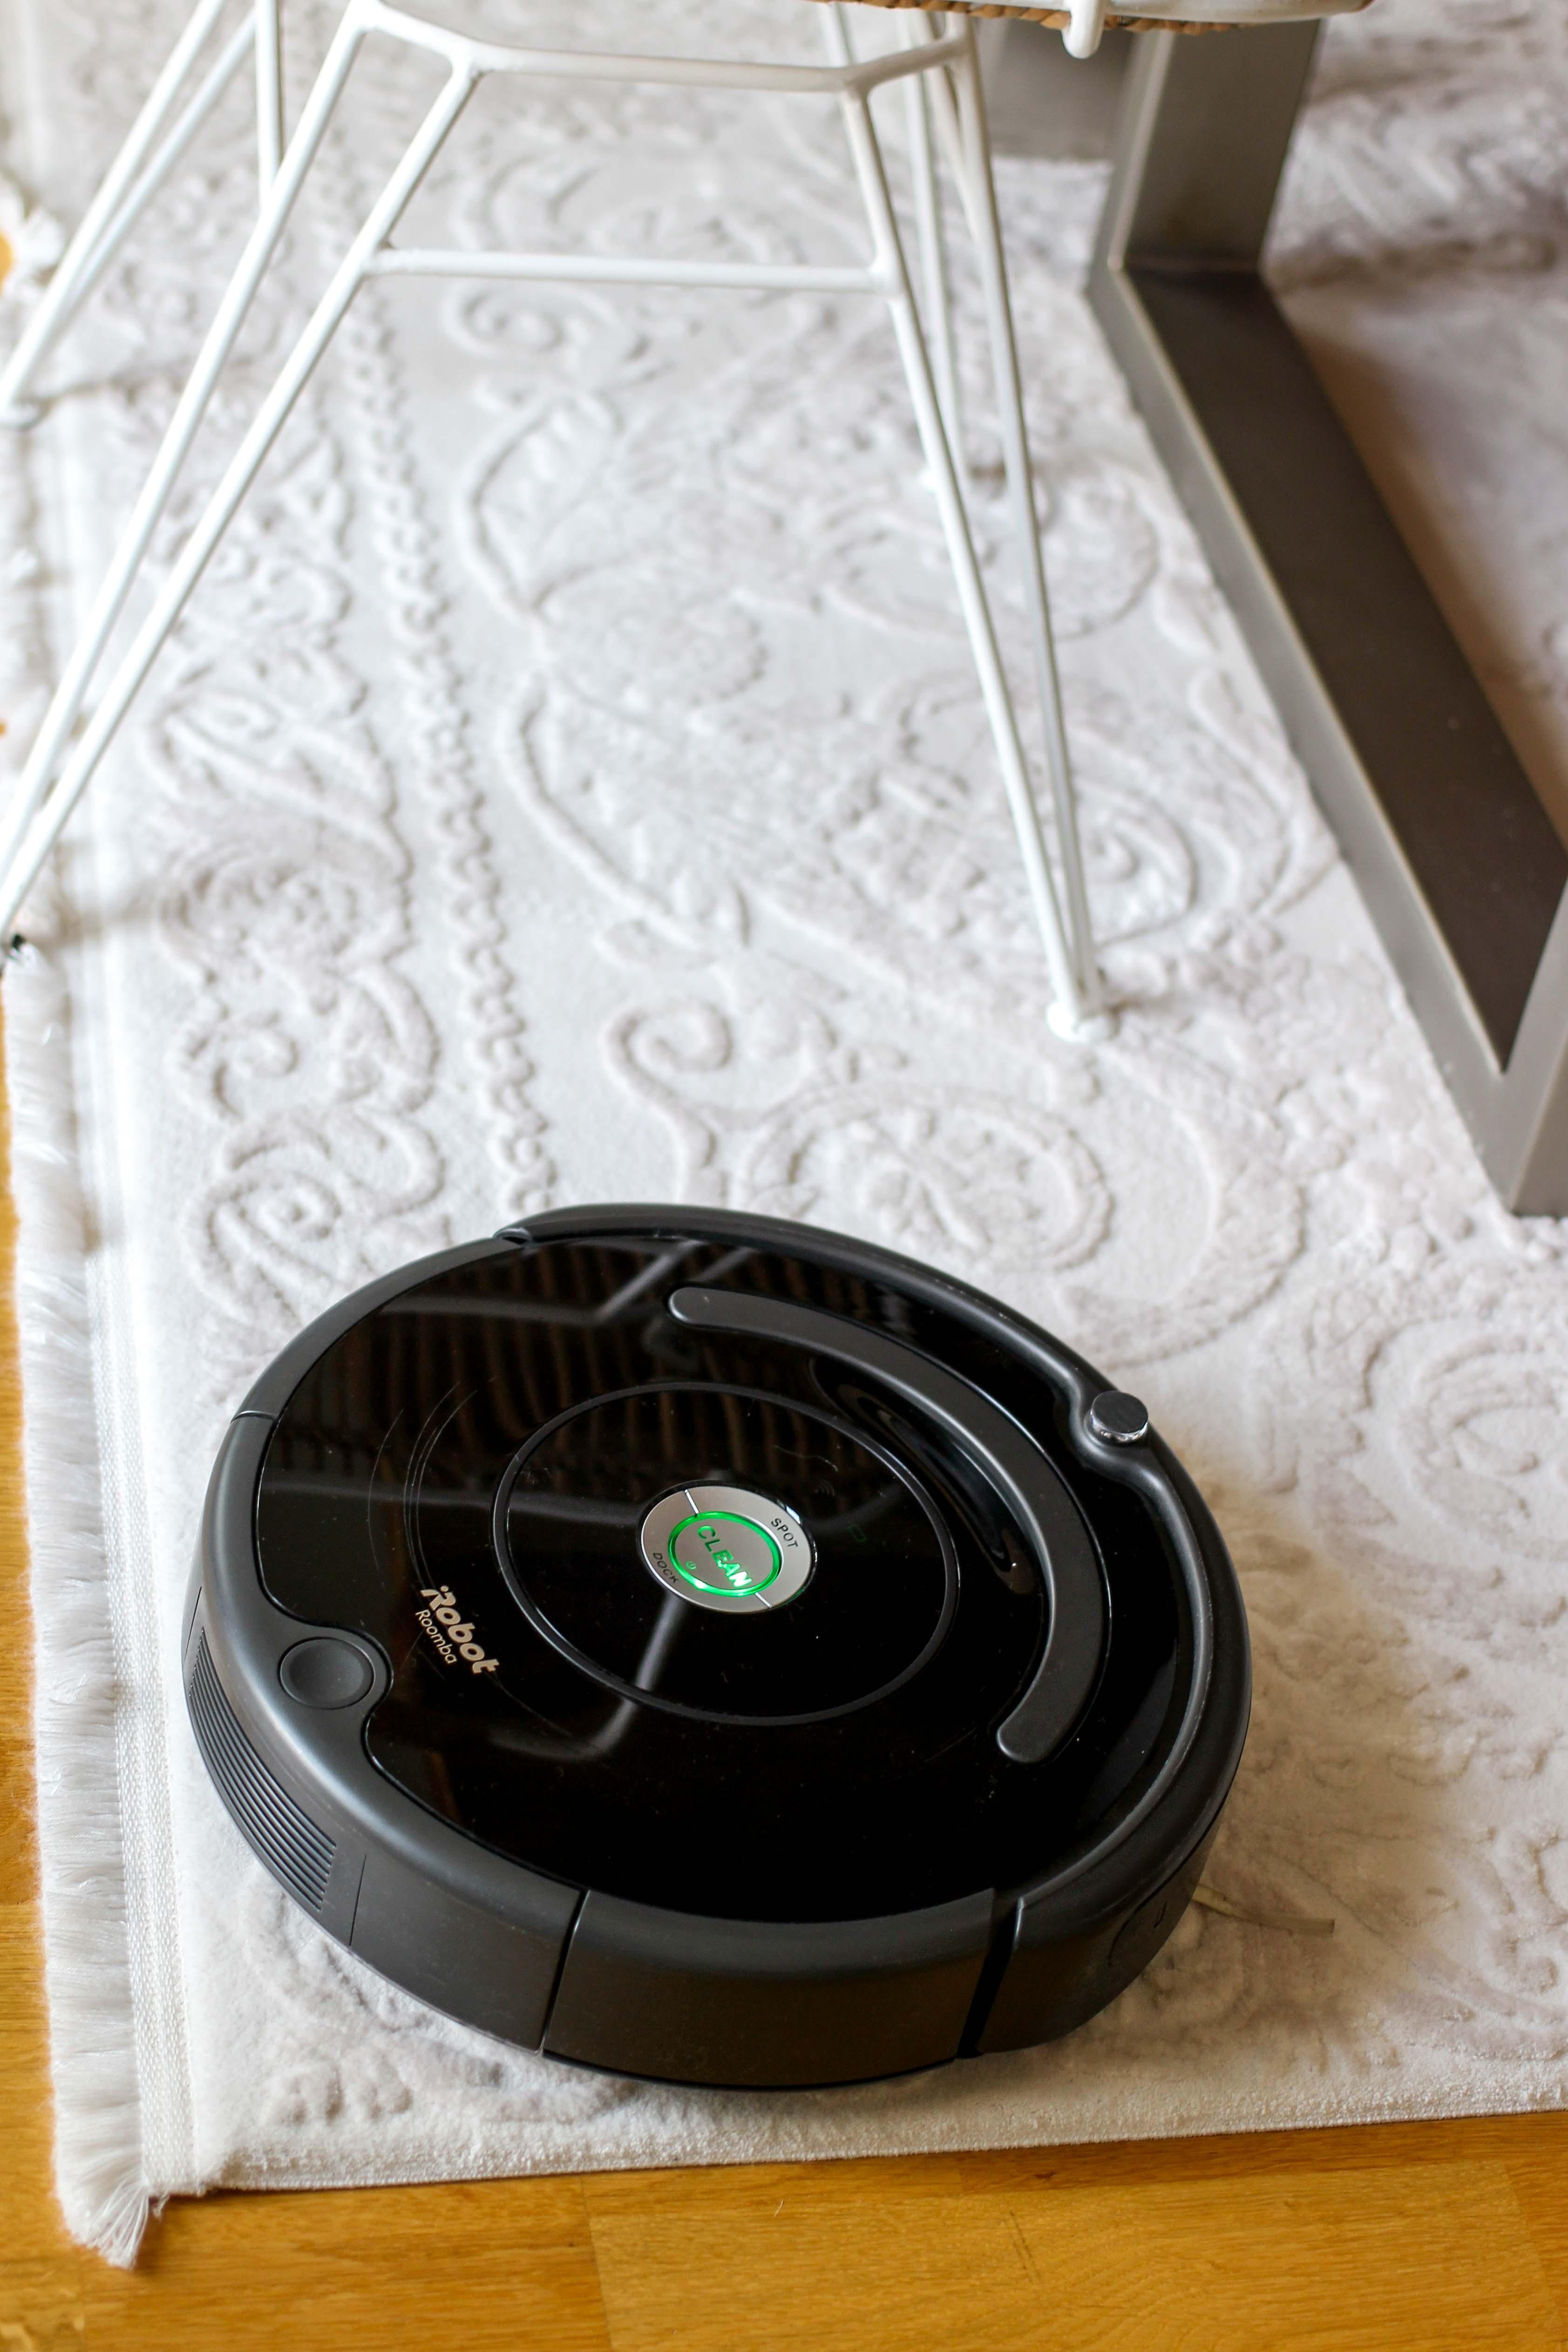 Amazon IRobot Roomba 671 Saugroboter Bewertung Erfahrungsbericht Staubsauger Blogger App